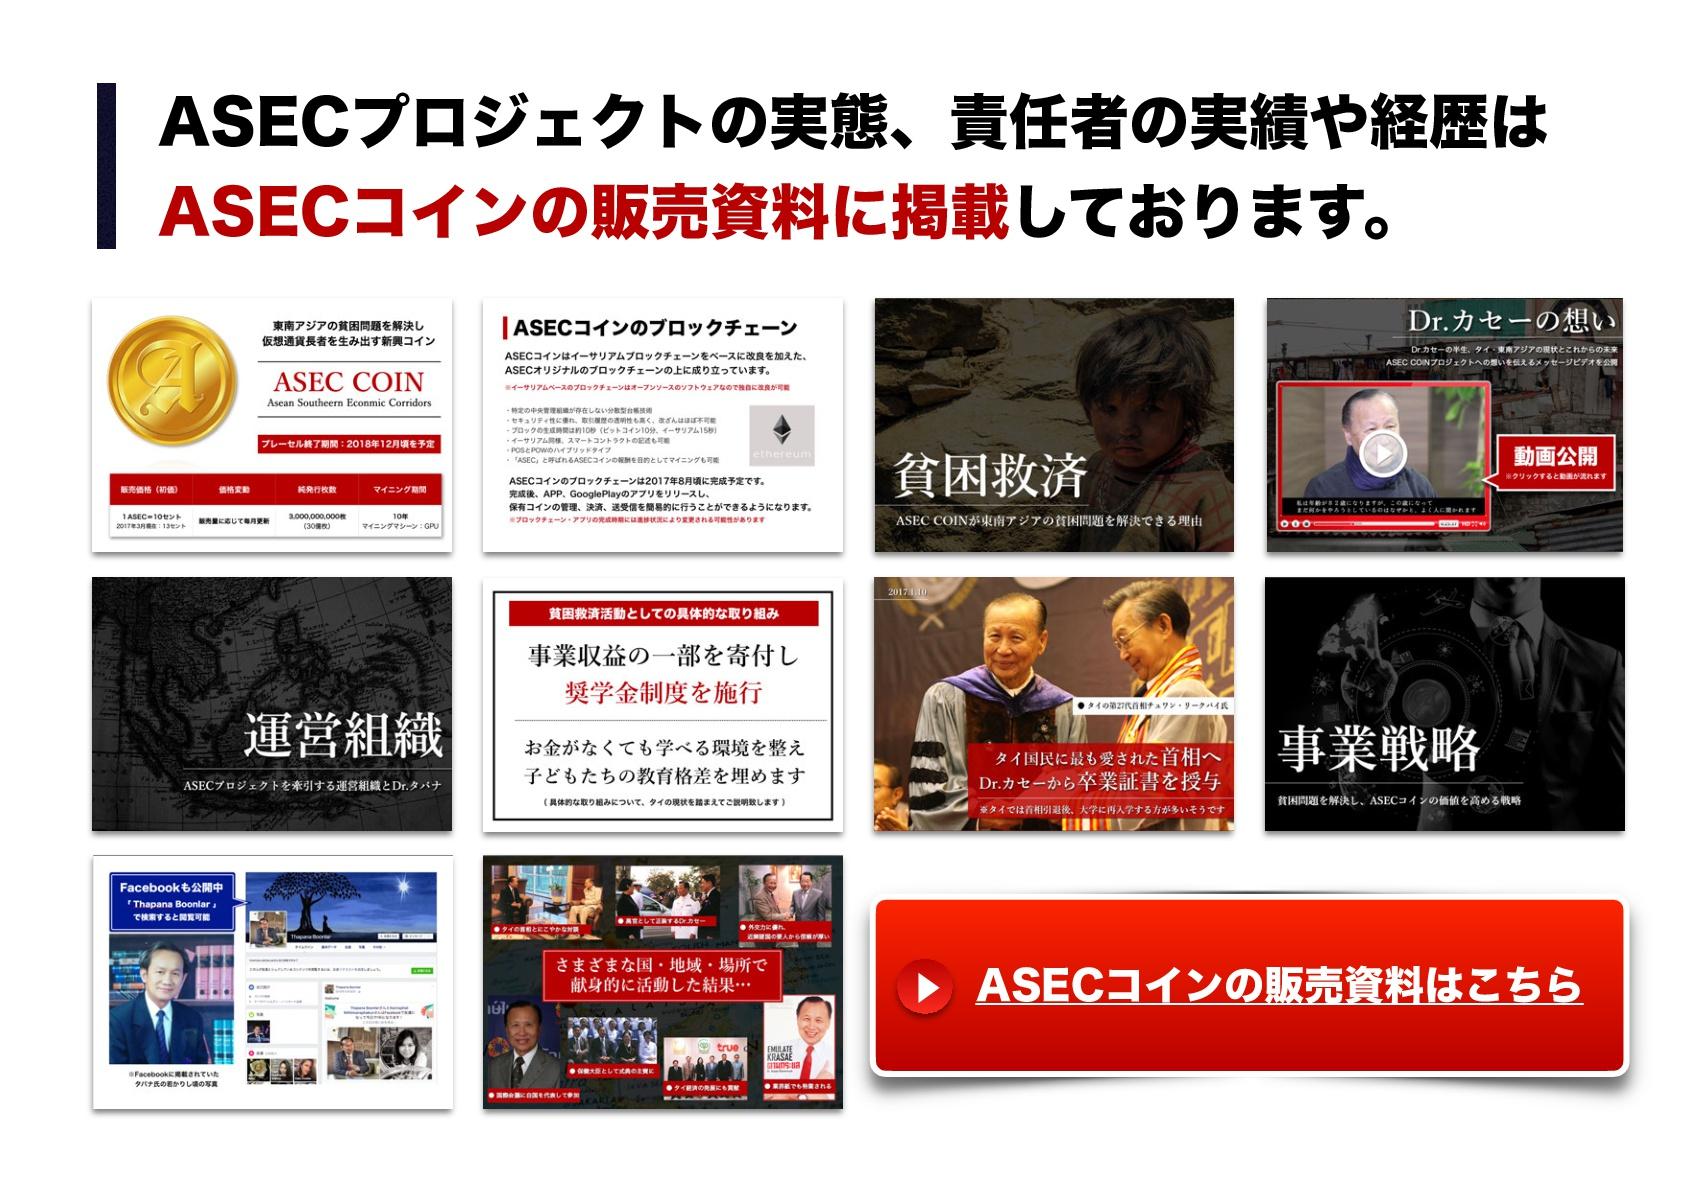 ASECフロンティアの最高顧問、Prof.Dr.カセー・チャナオンの来日講演のイメージ画像